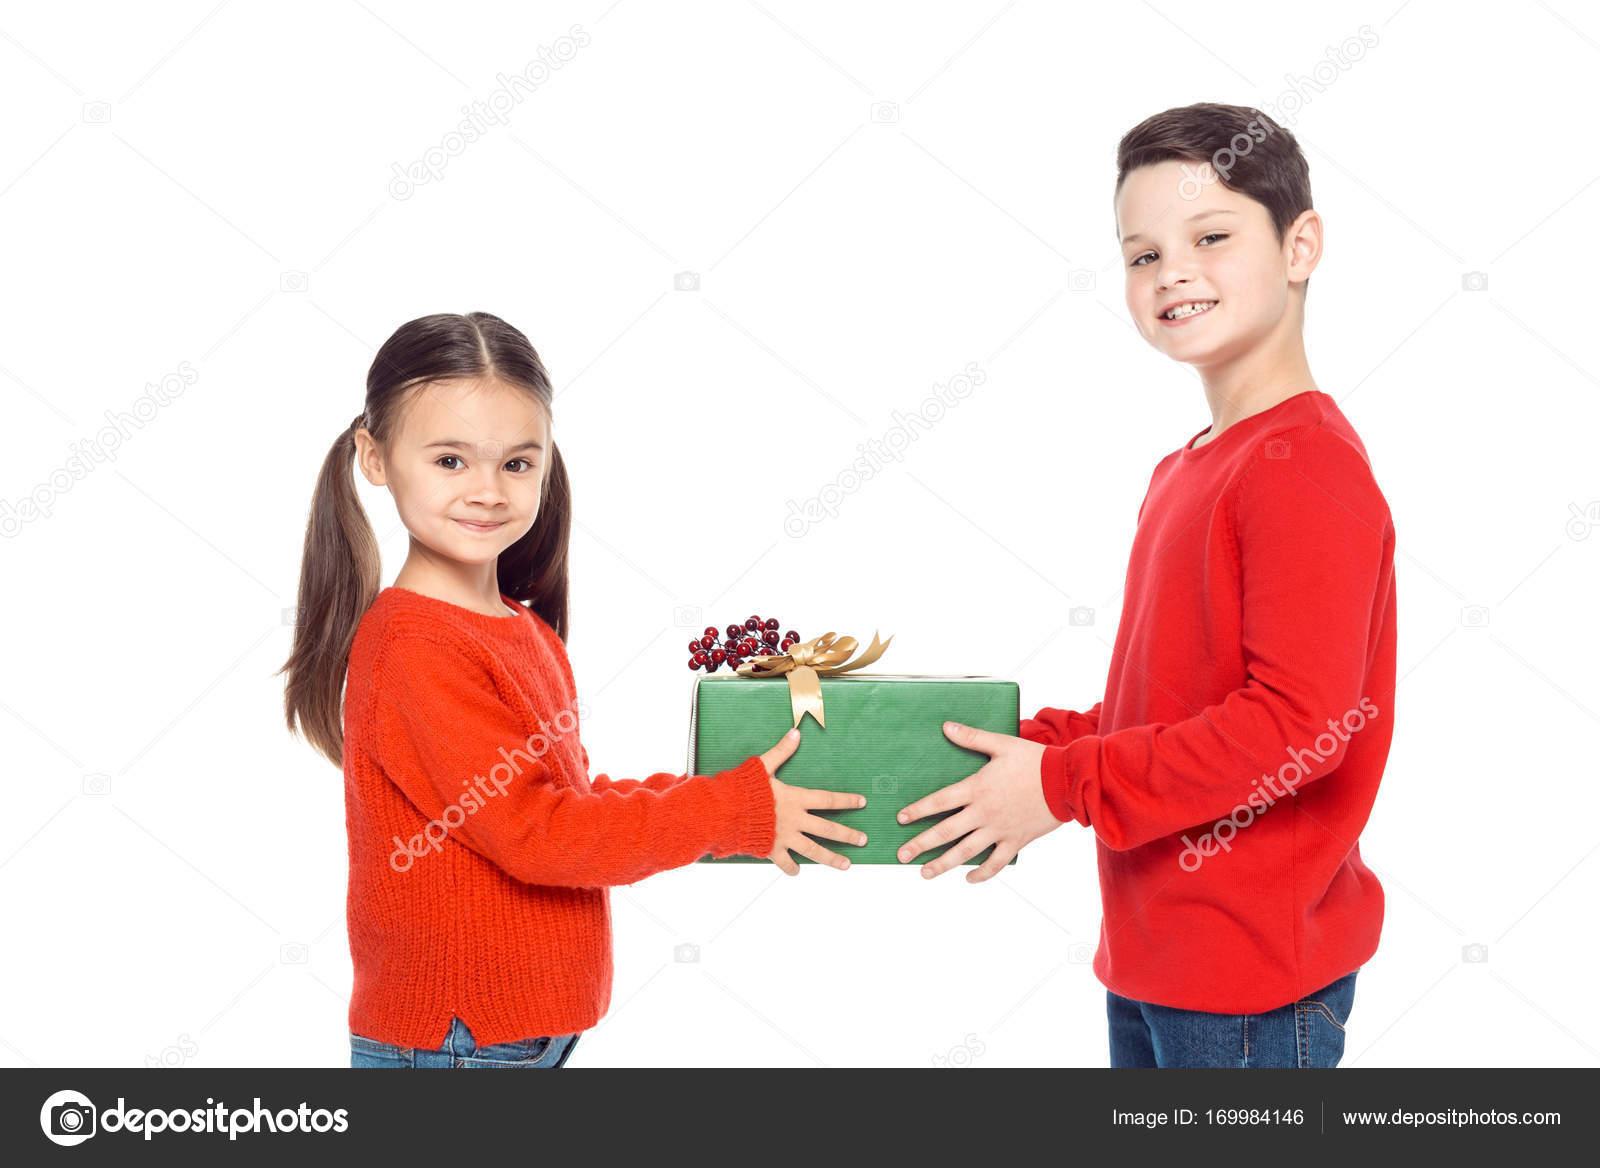 Geschwister mit Weihnachtsgeschenk — Stockfoto © IgorVetushko #169984146